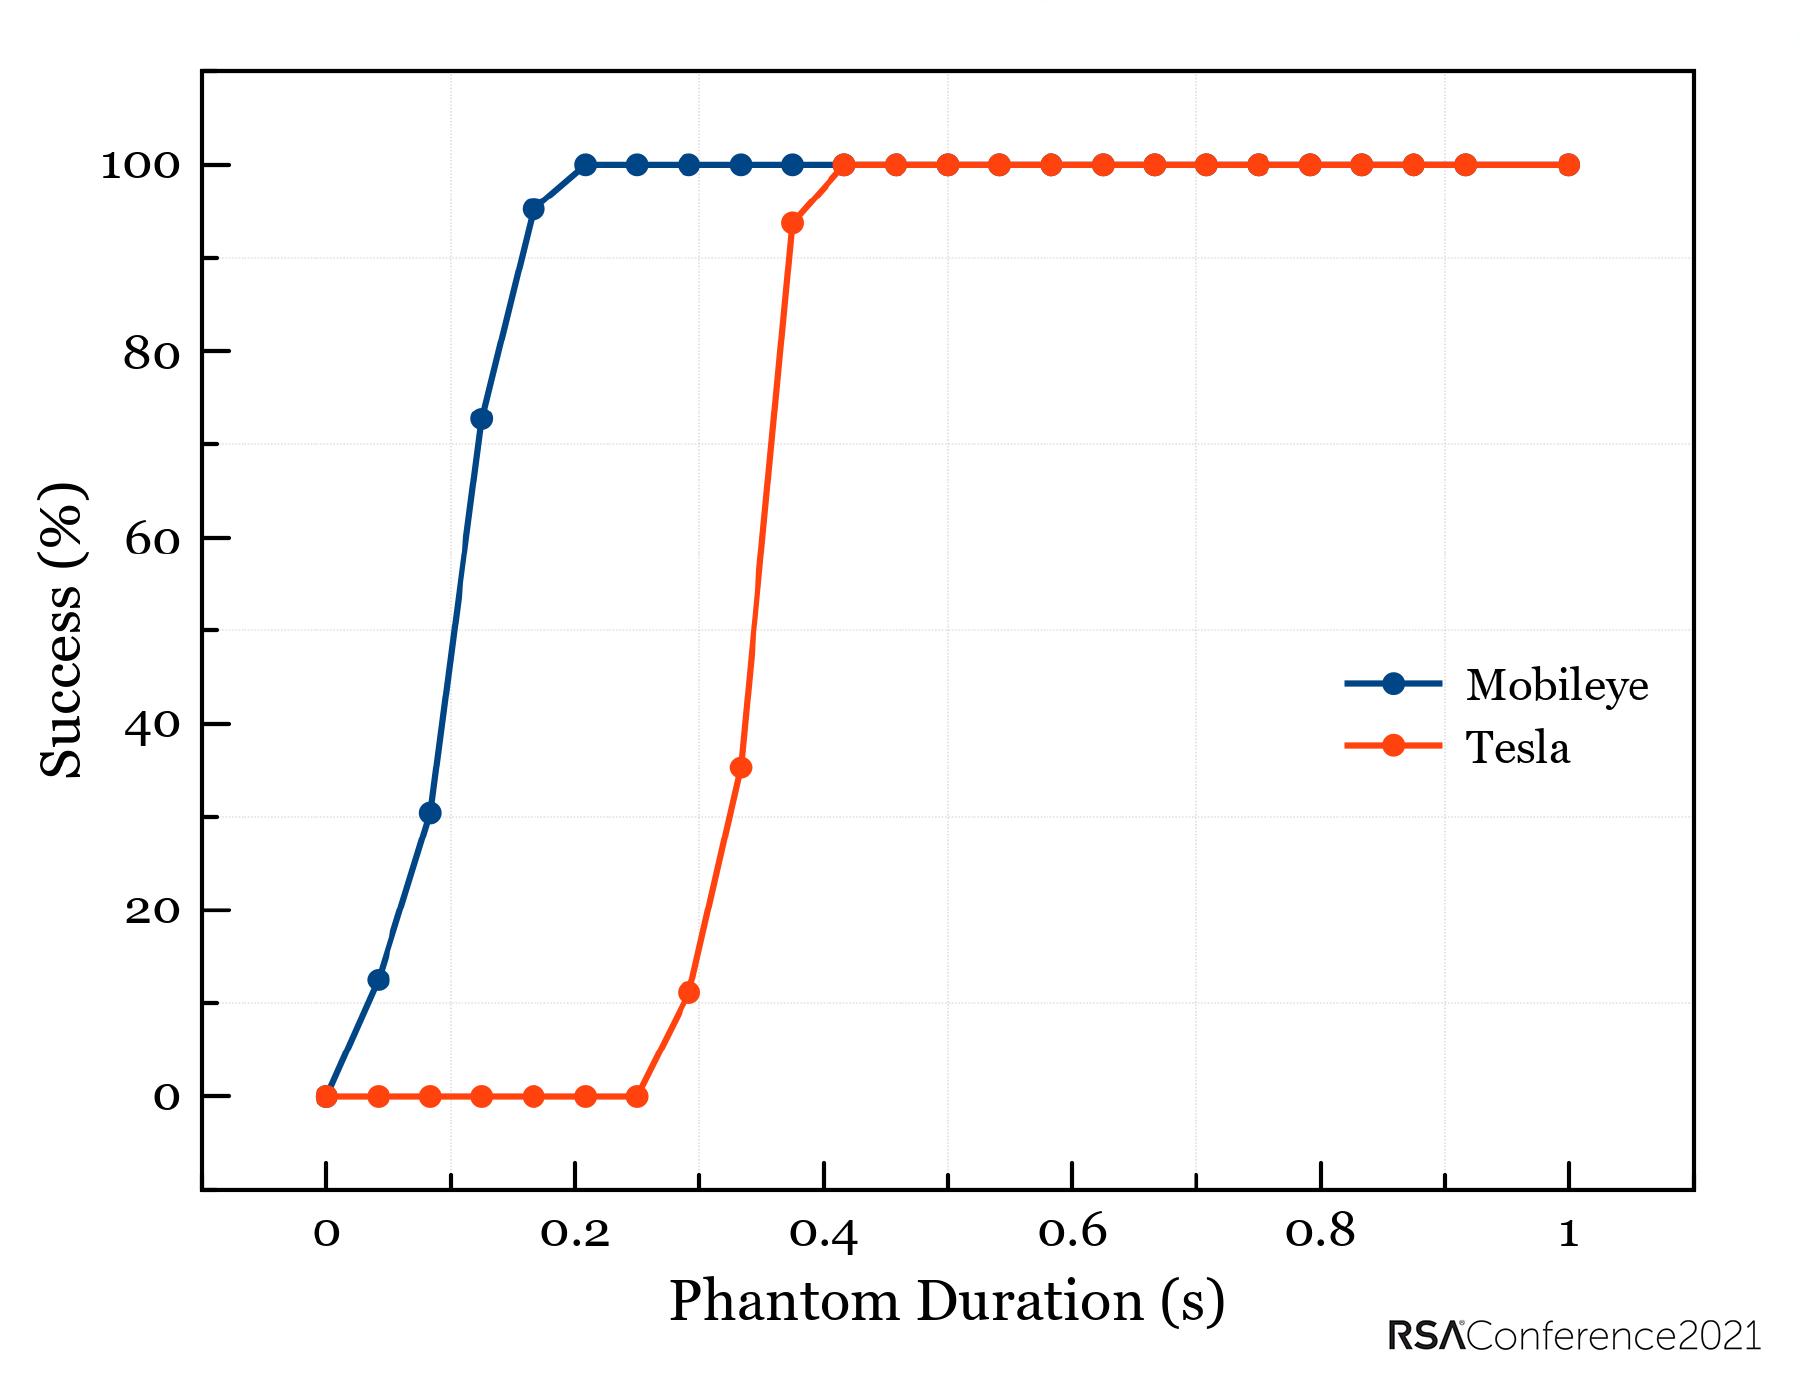 Tiempo de reacción de los sistemas de reconocimiento de Tesla y Mobileye a una imagen fantasma